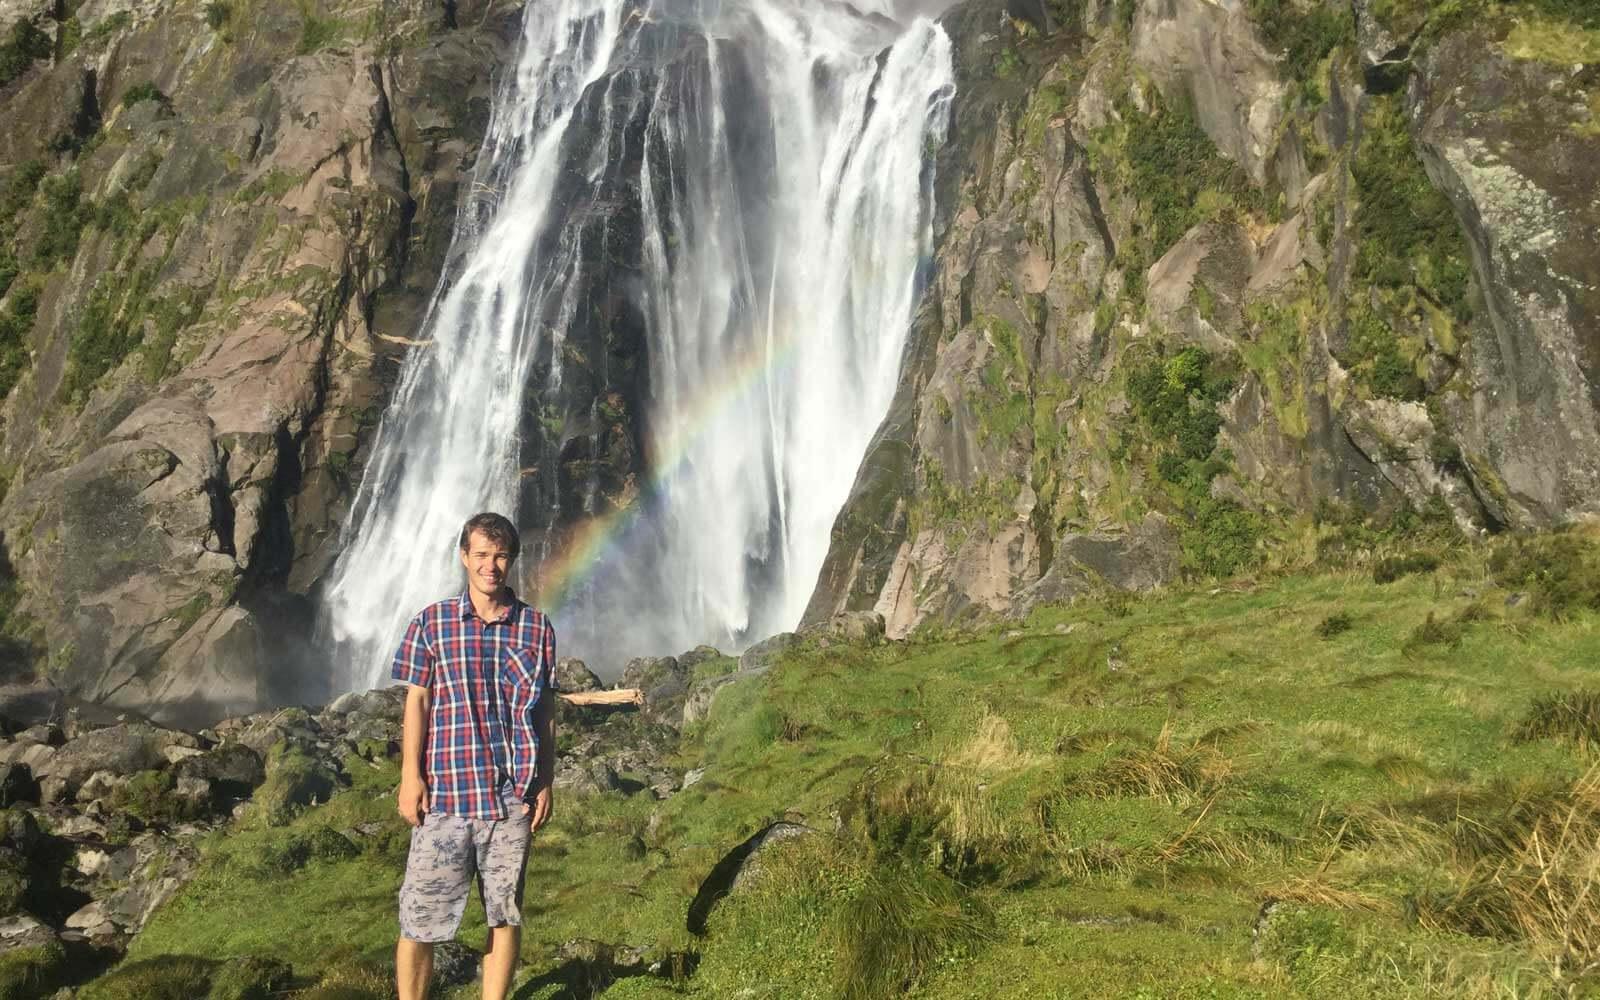 Justin vor Wasserfall mit Regenbogen